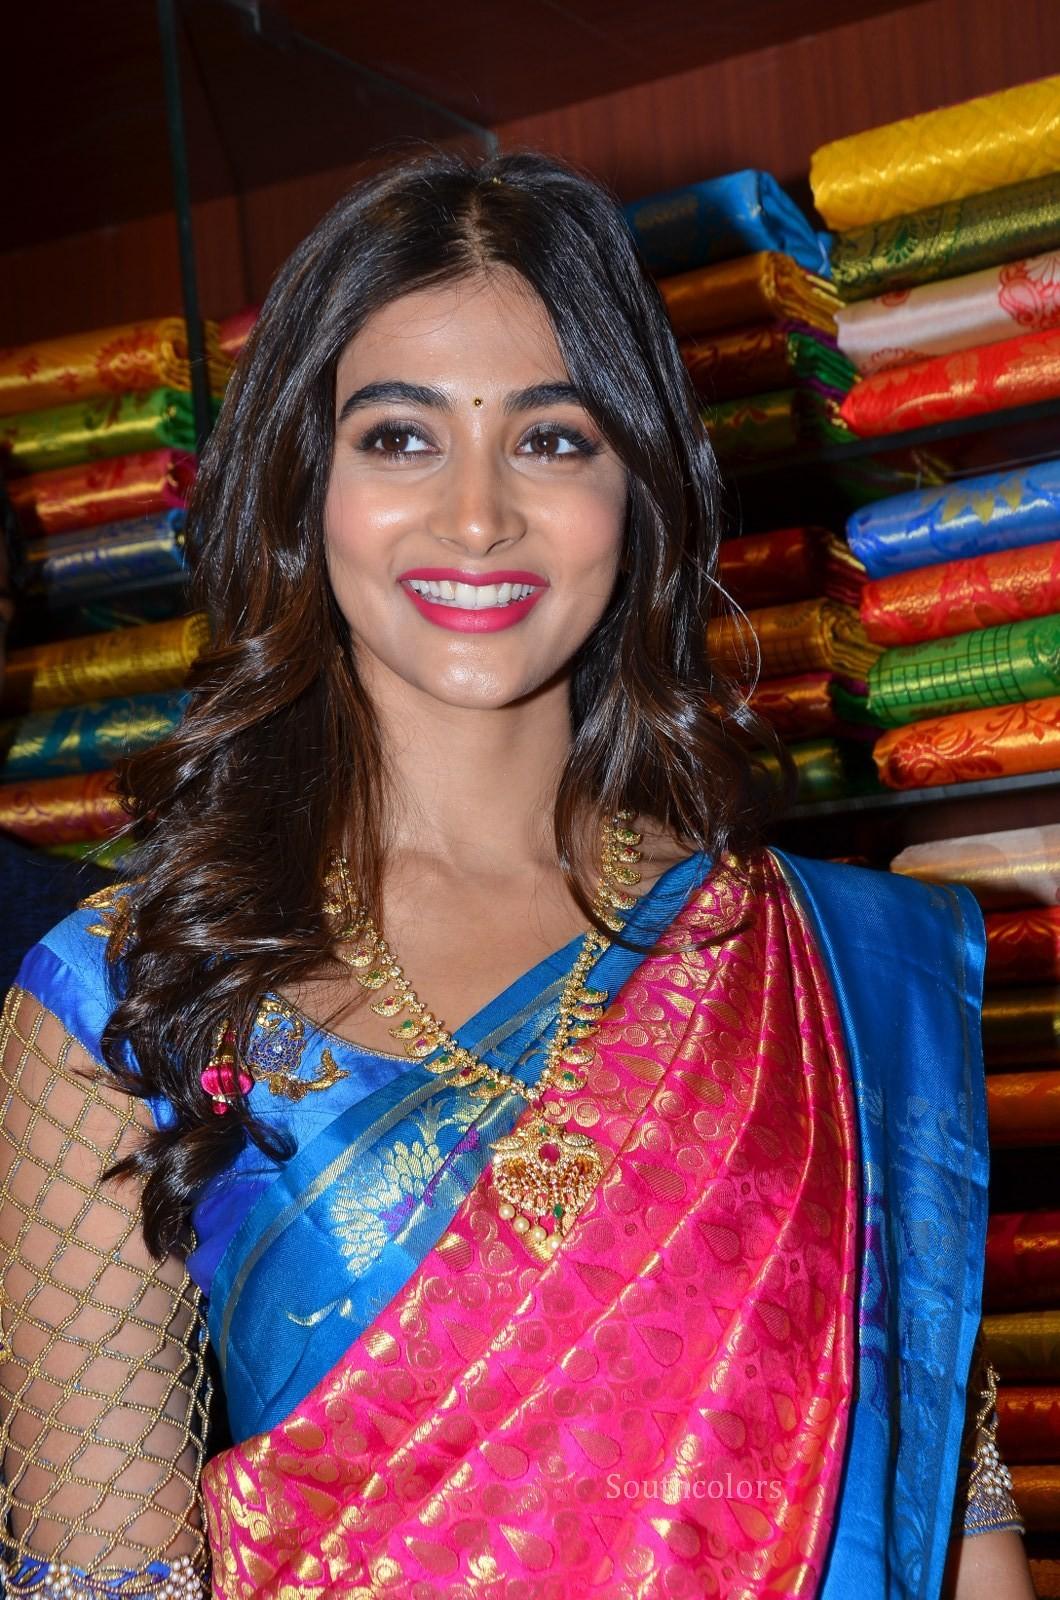 pooja hegde traditional saree photos southcolors 39